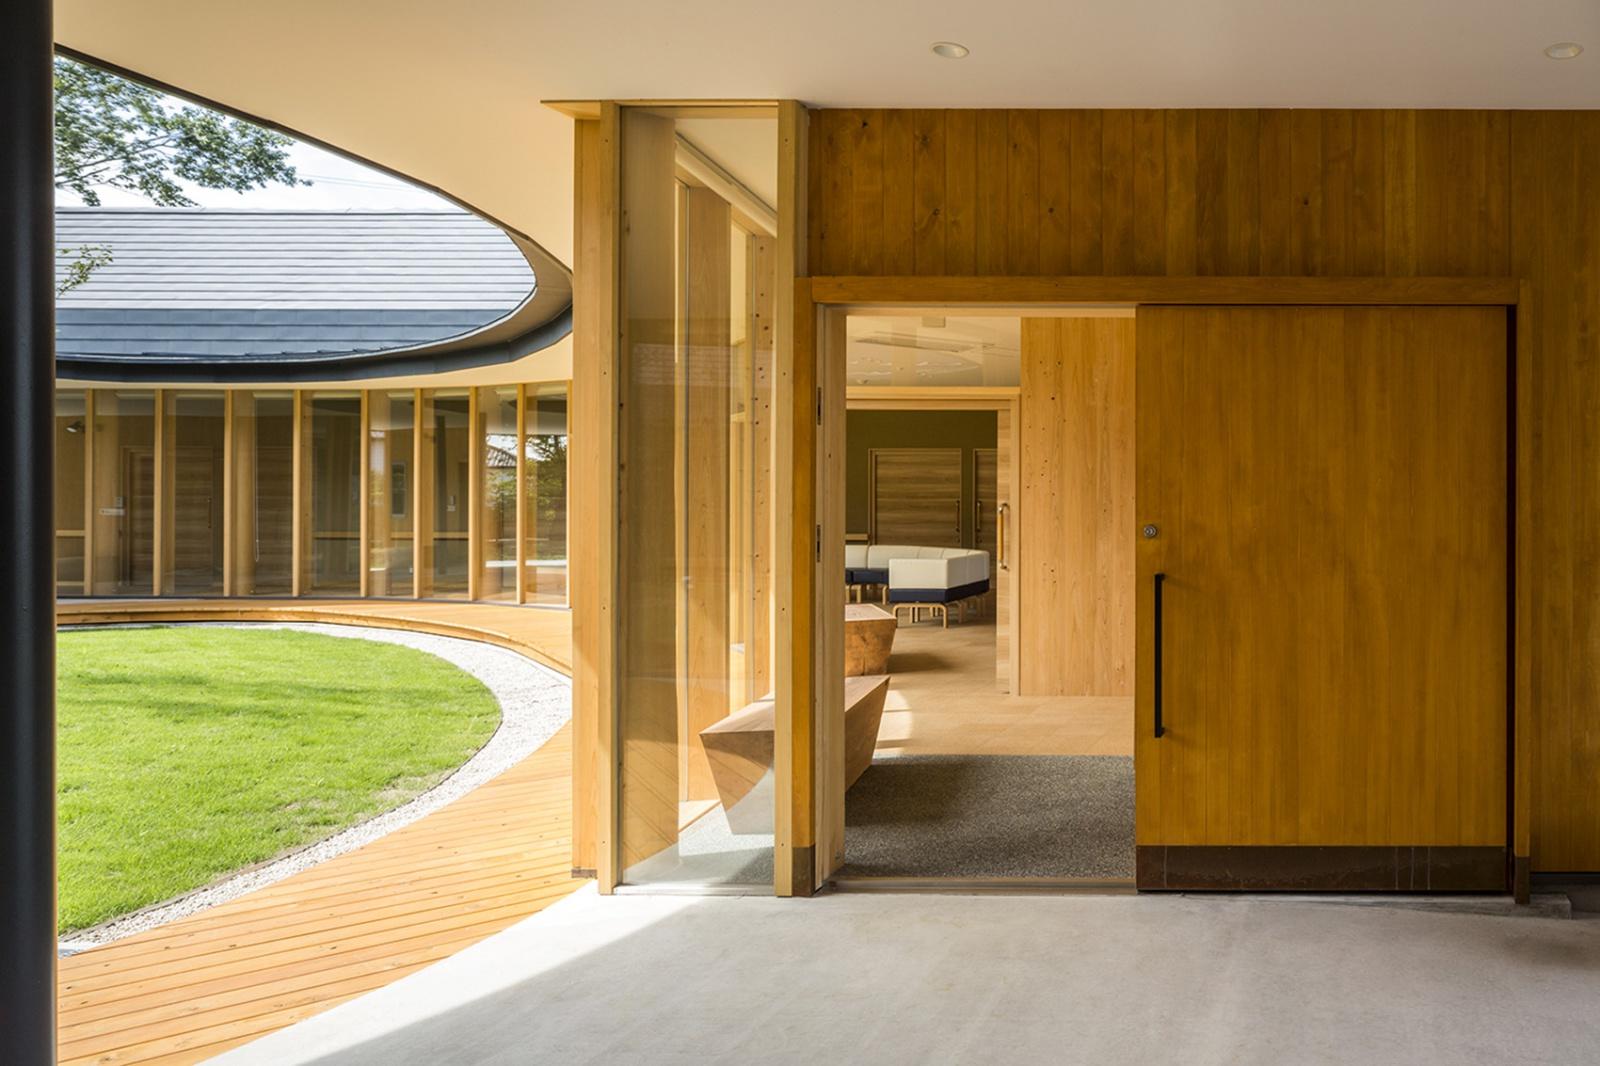 大きなドアも木製。伝統的な左官の技術「洗い出し」で玄関床にやさしい表情が生まれています。